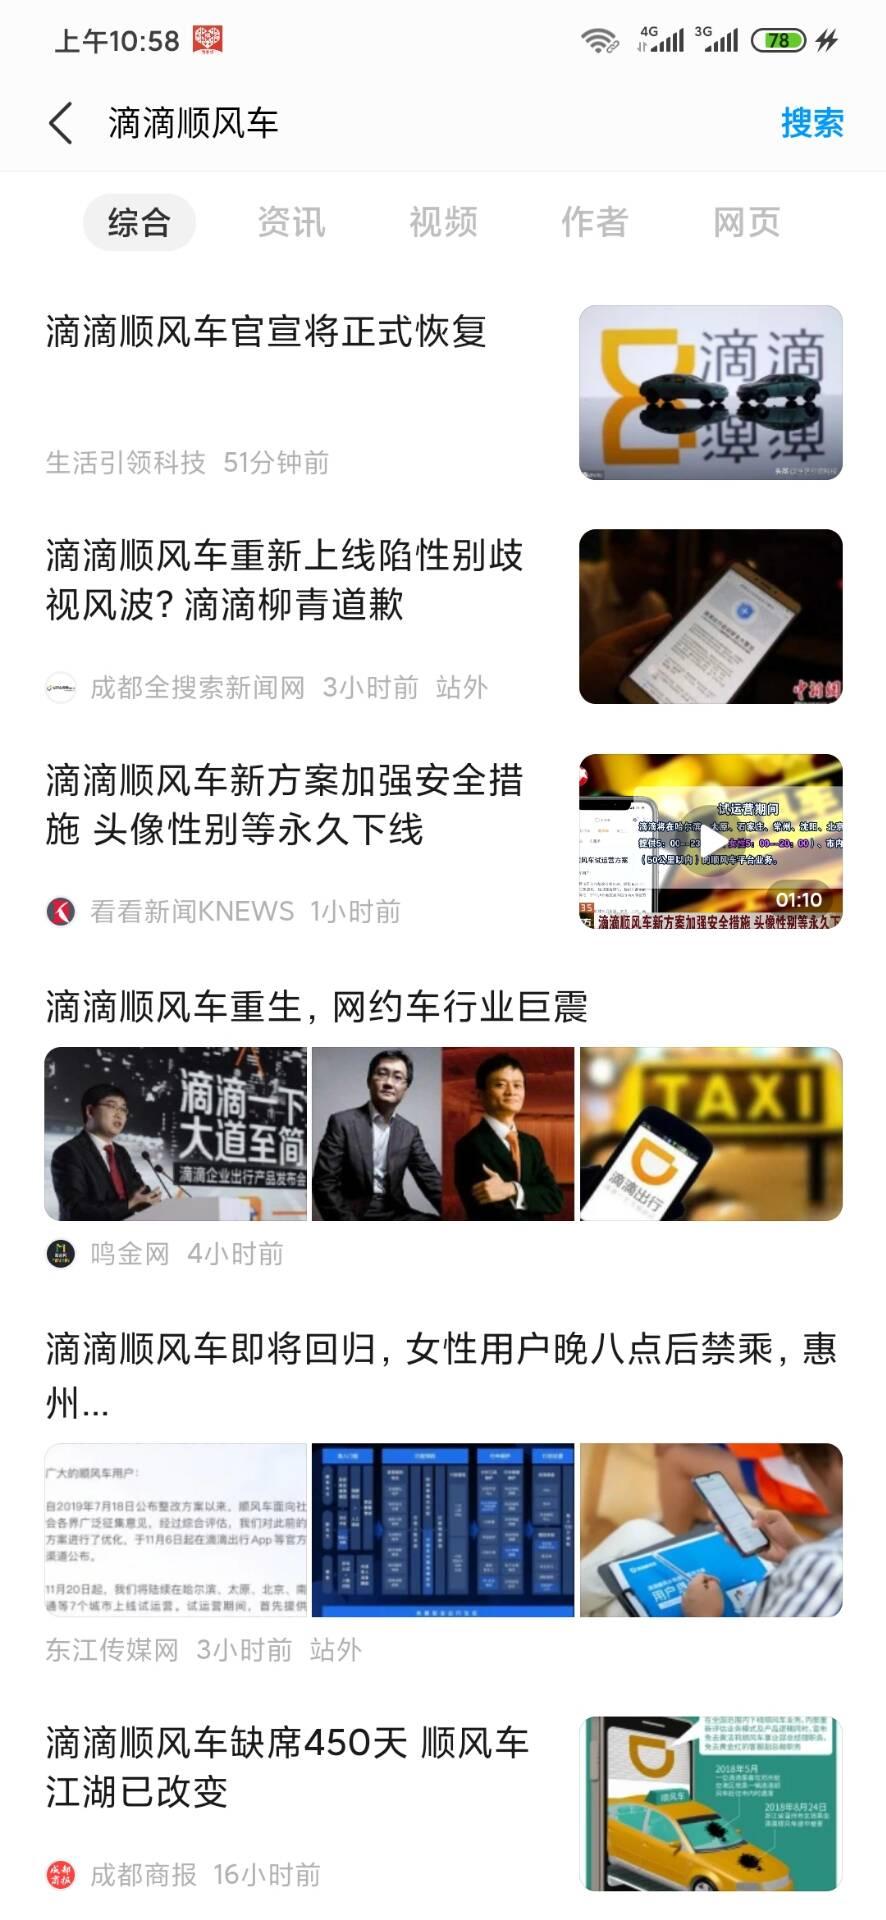 滴滴顺风车归来!11月20日起在哈尔滨、北京等7个城市上线试运营